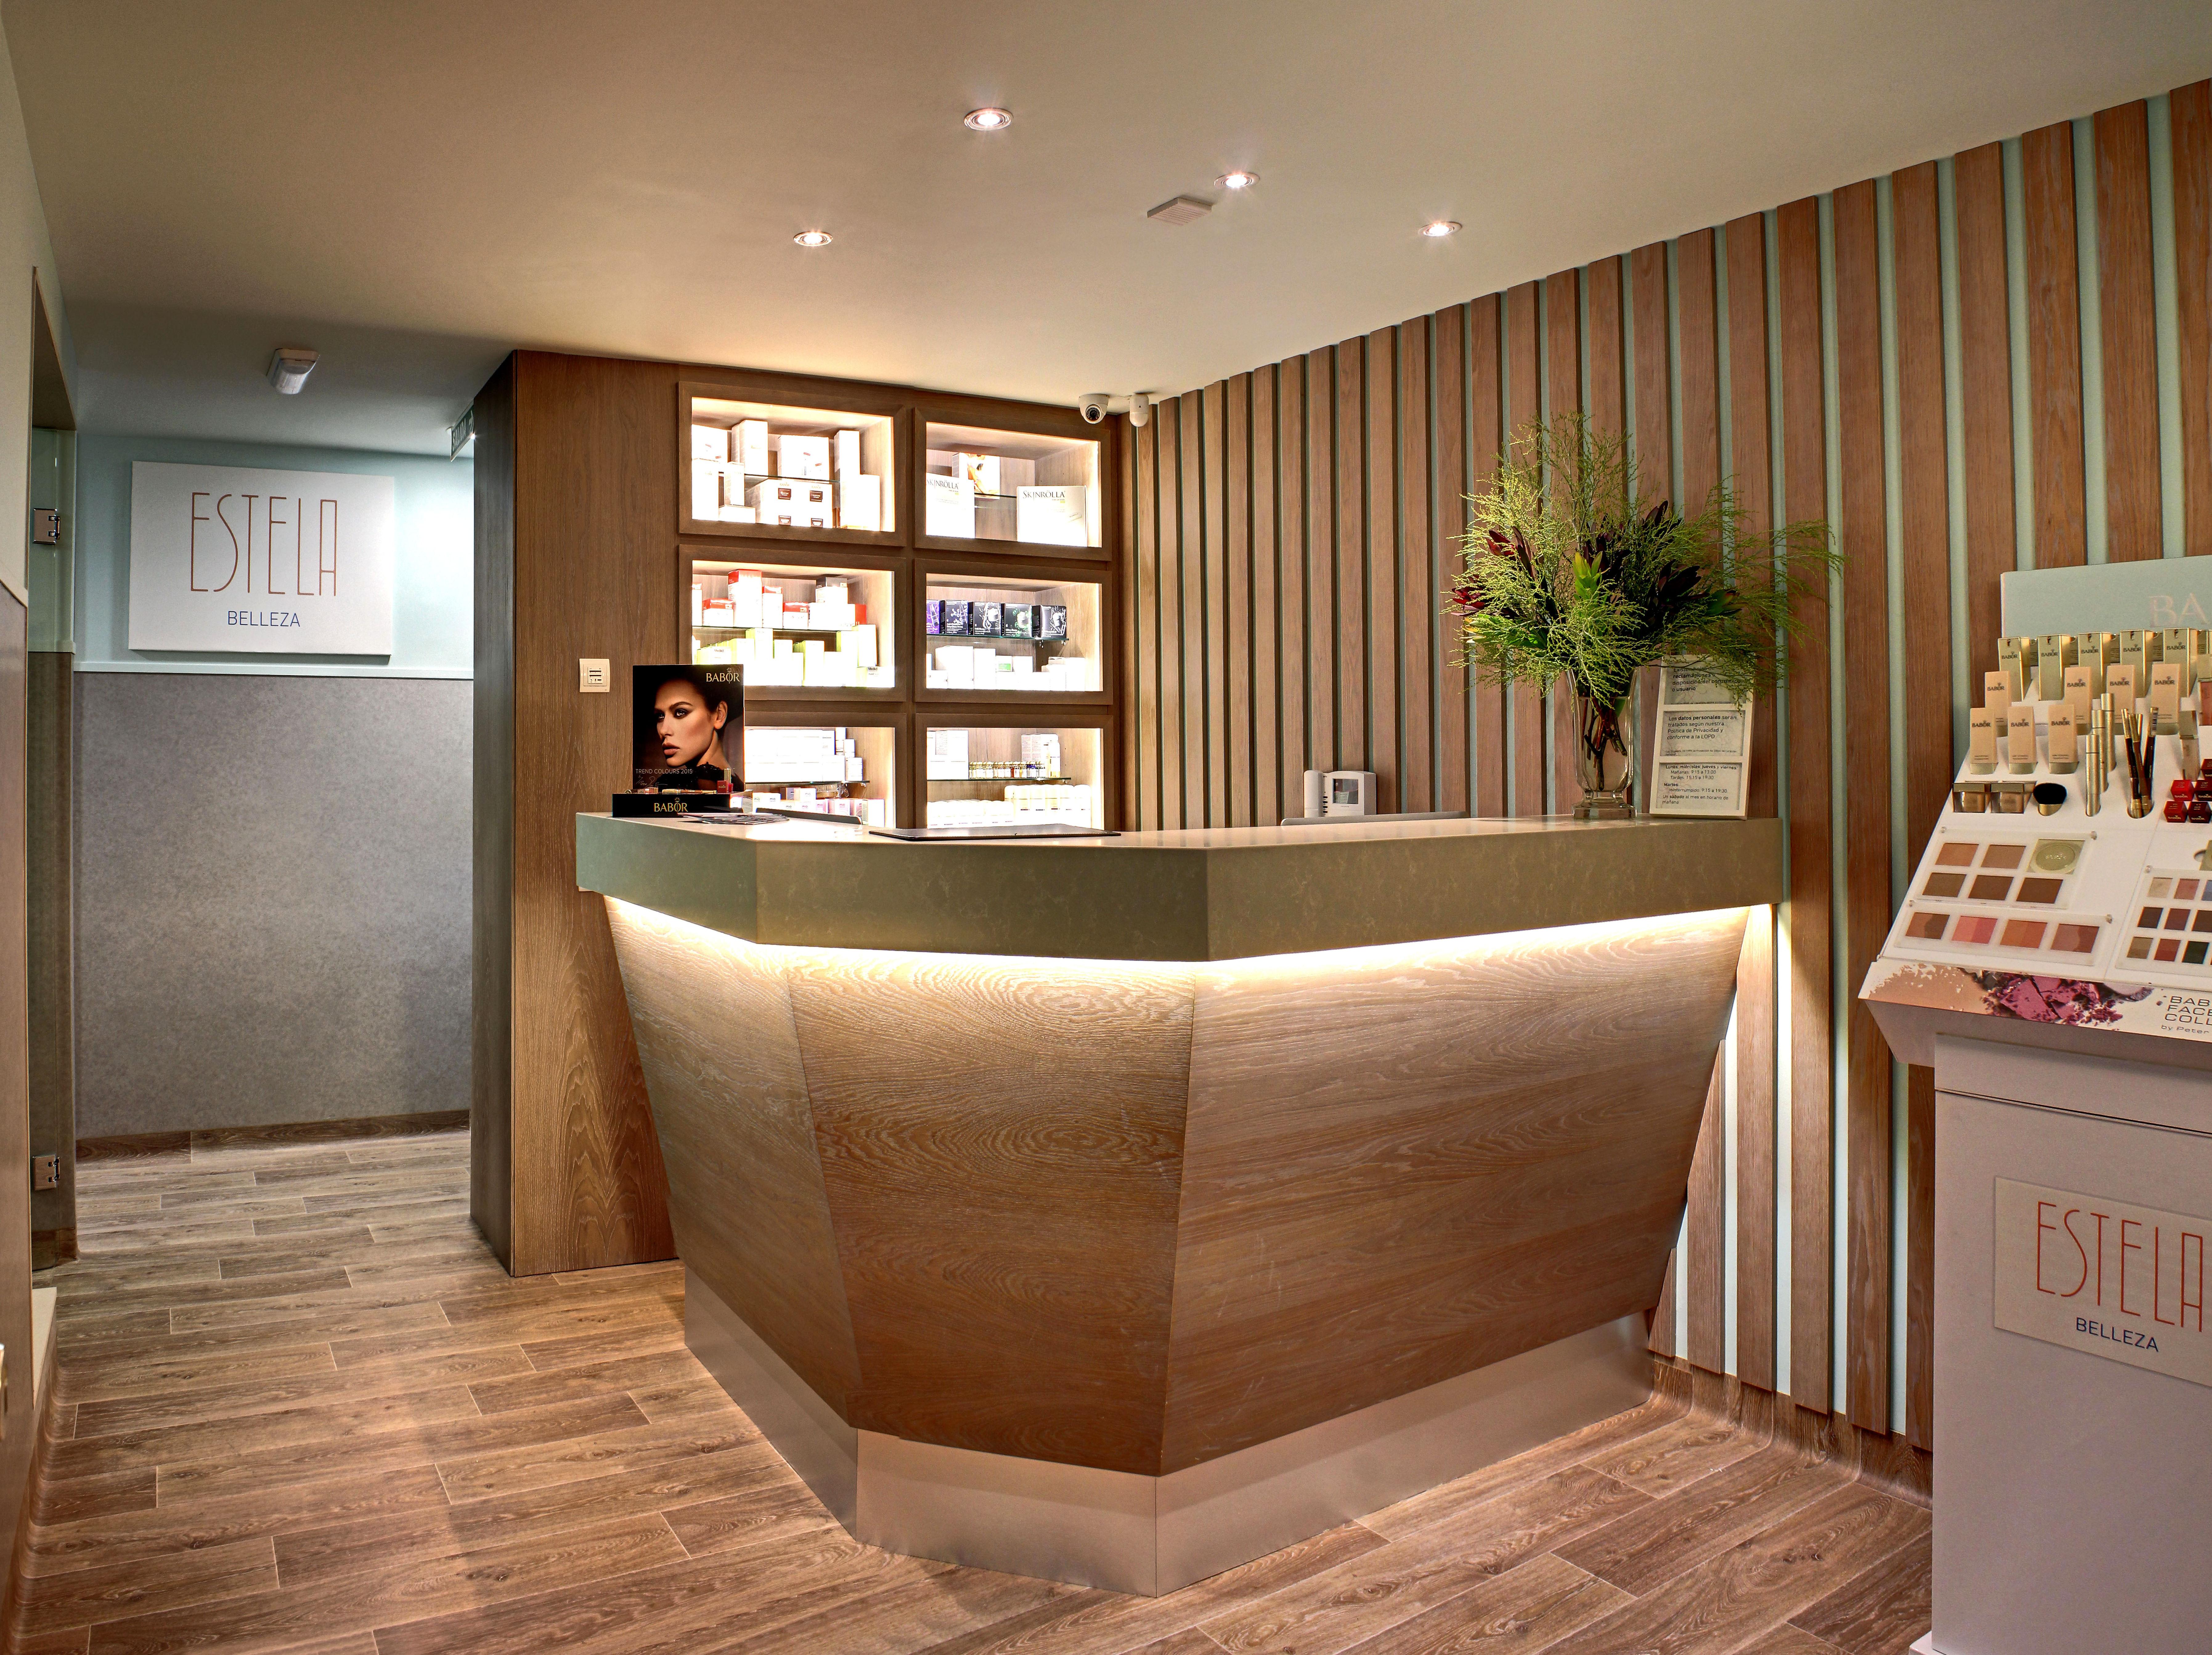 Foto 2 de Centros de estética en  | ESTELA Belleza y Medicina Estética